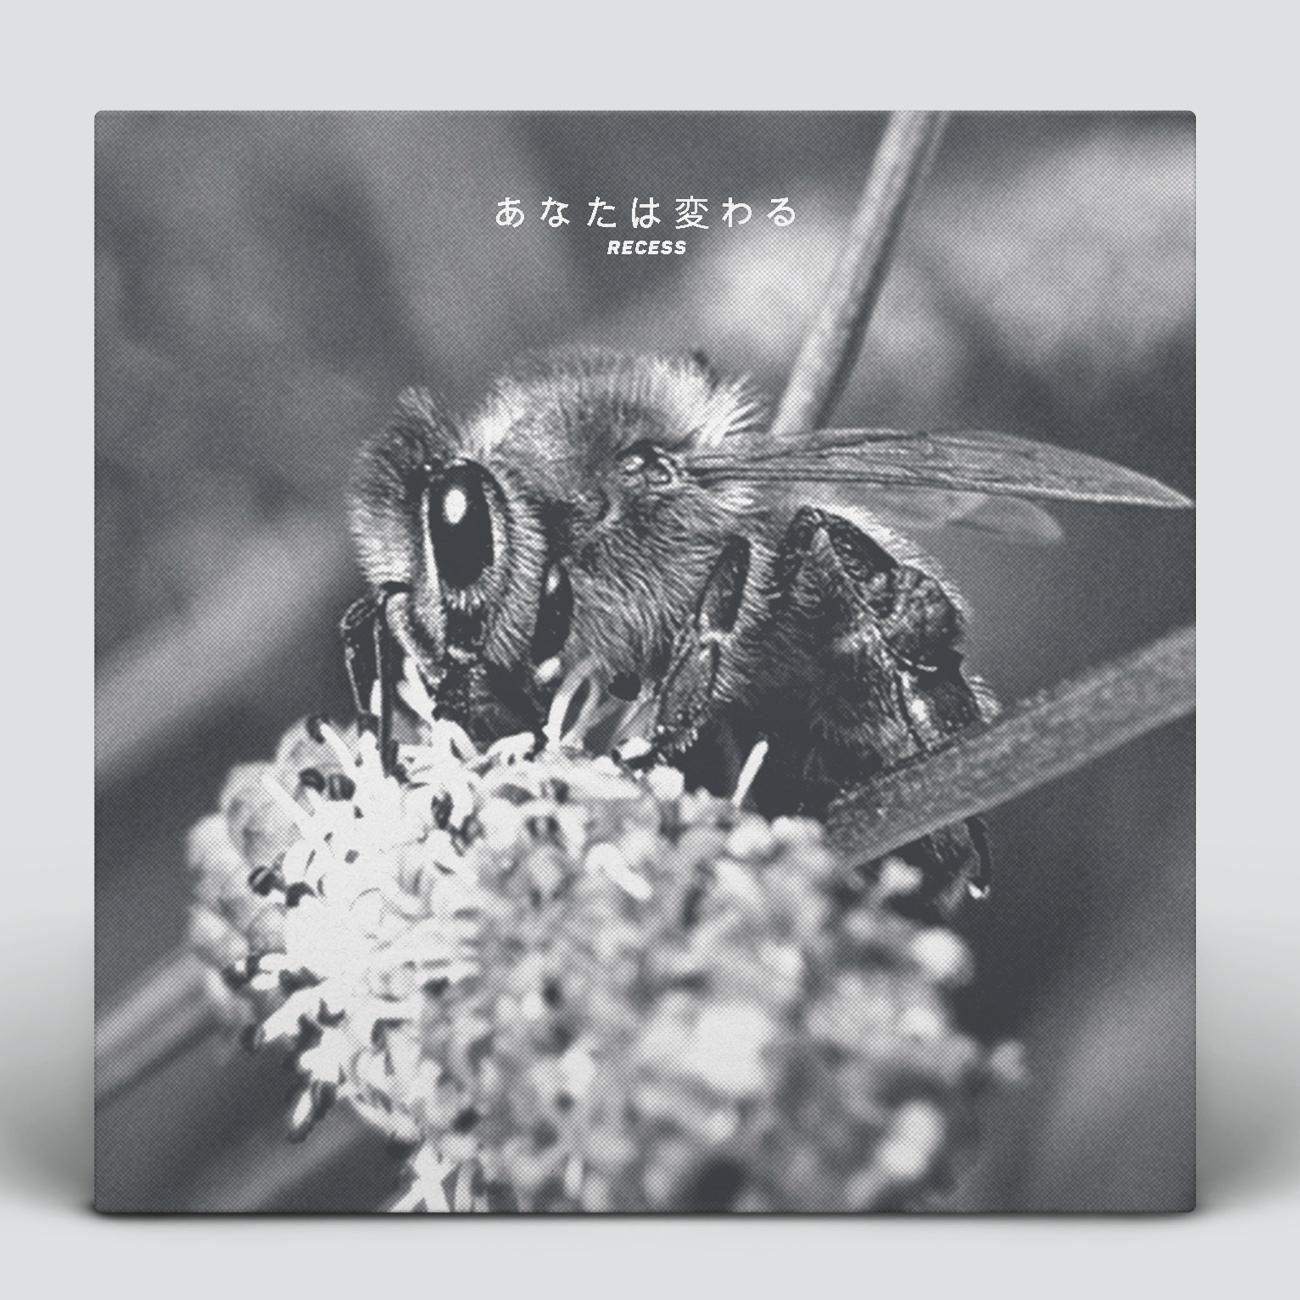 Design An Album Cover or single